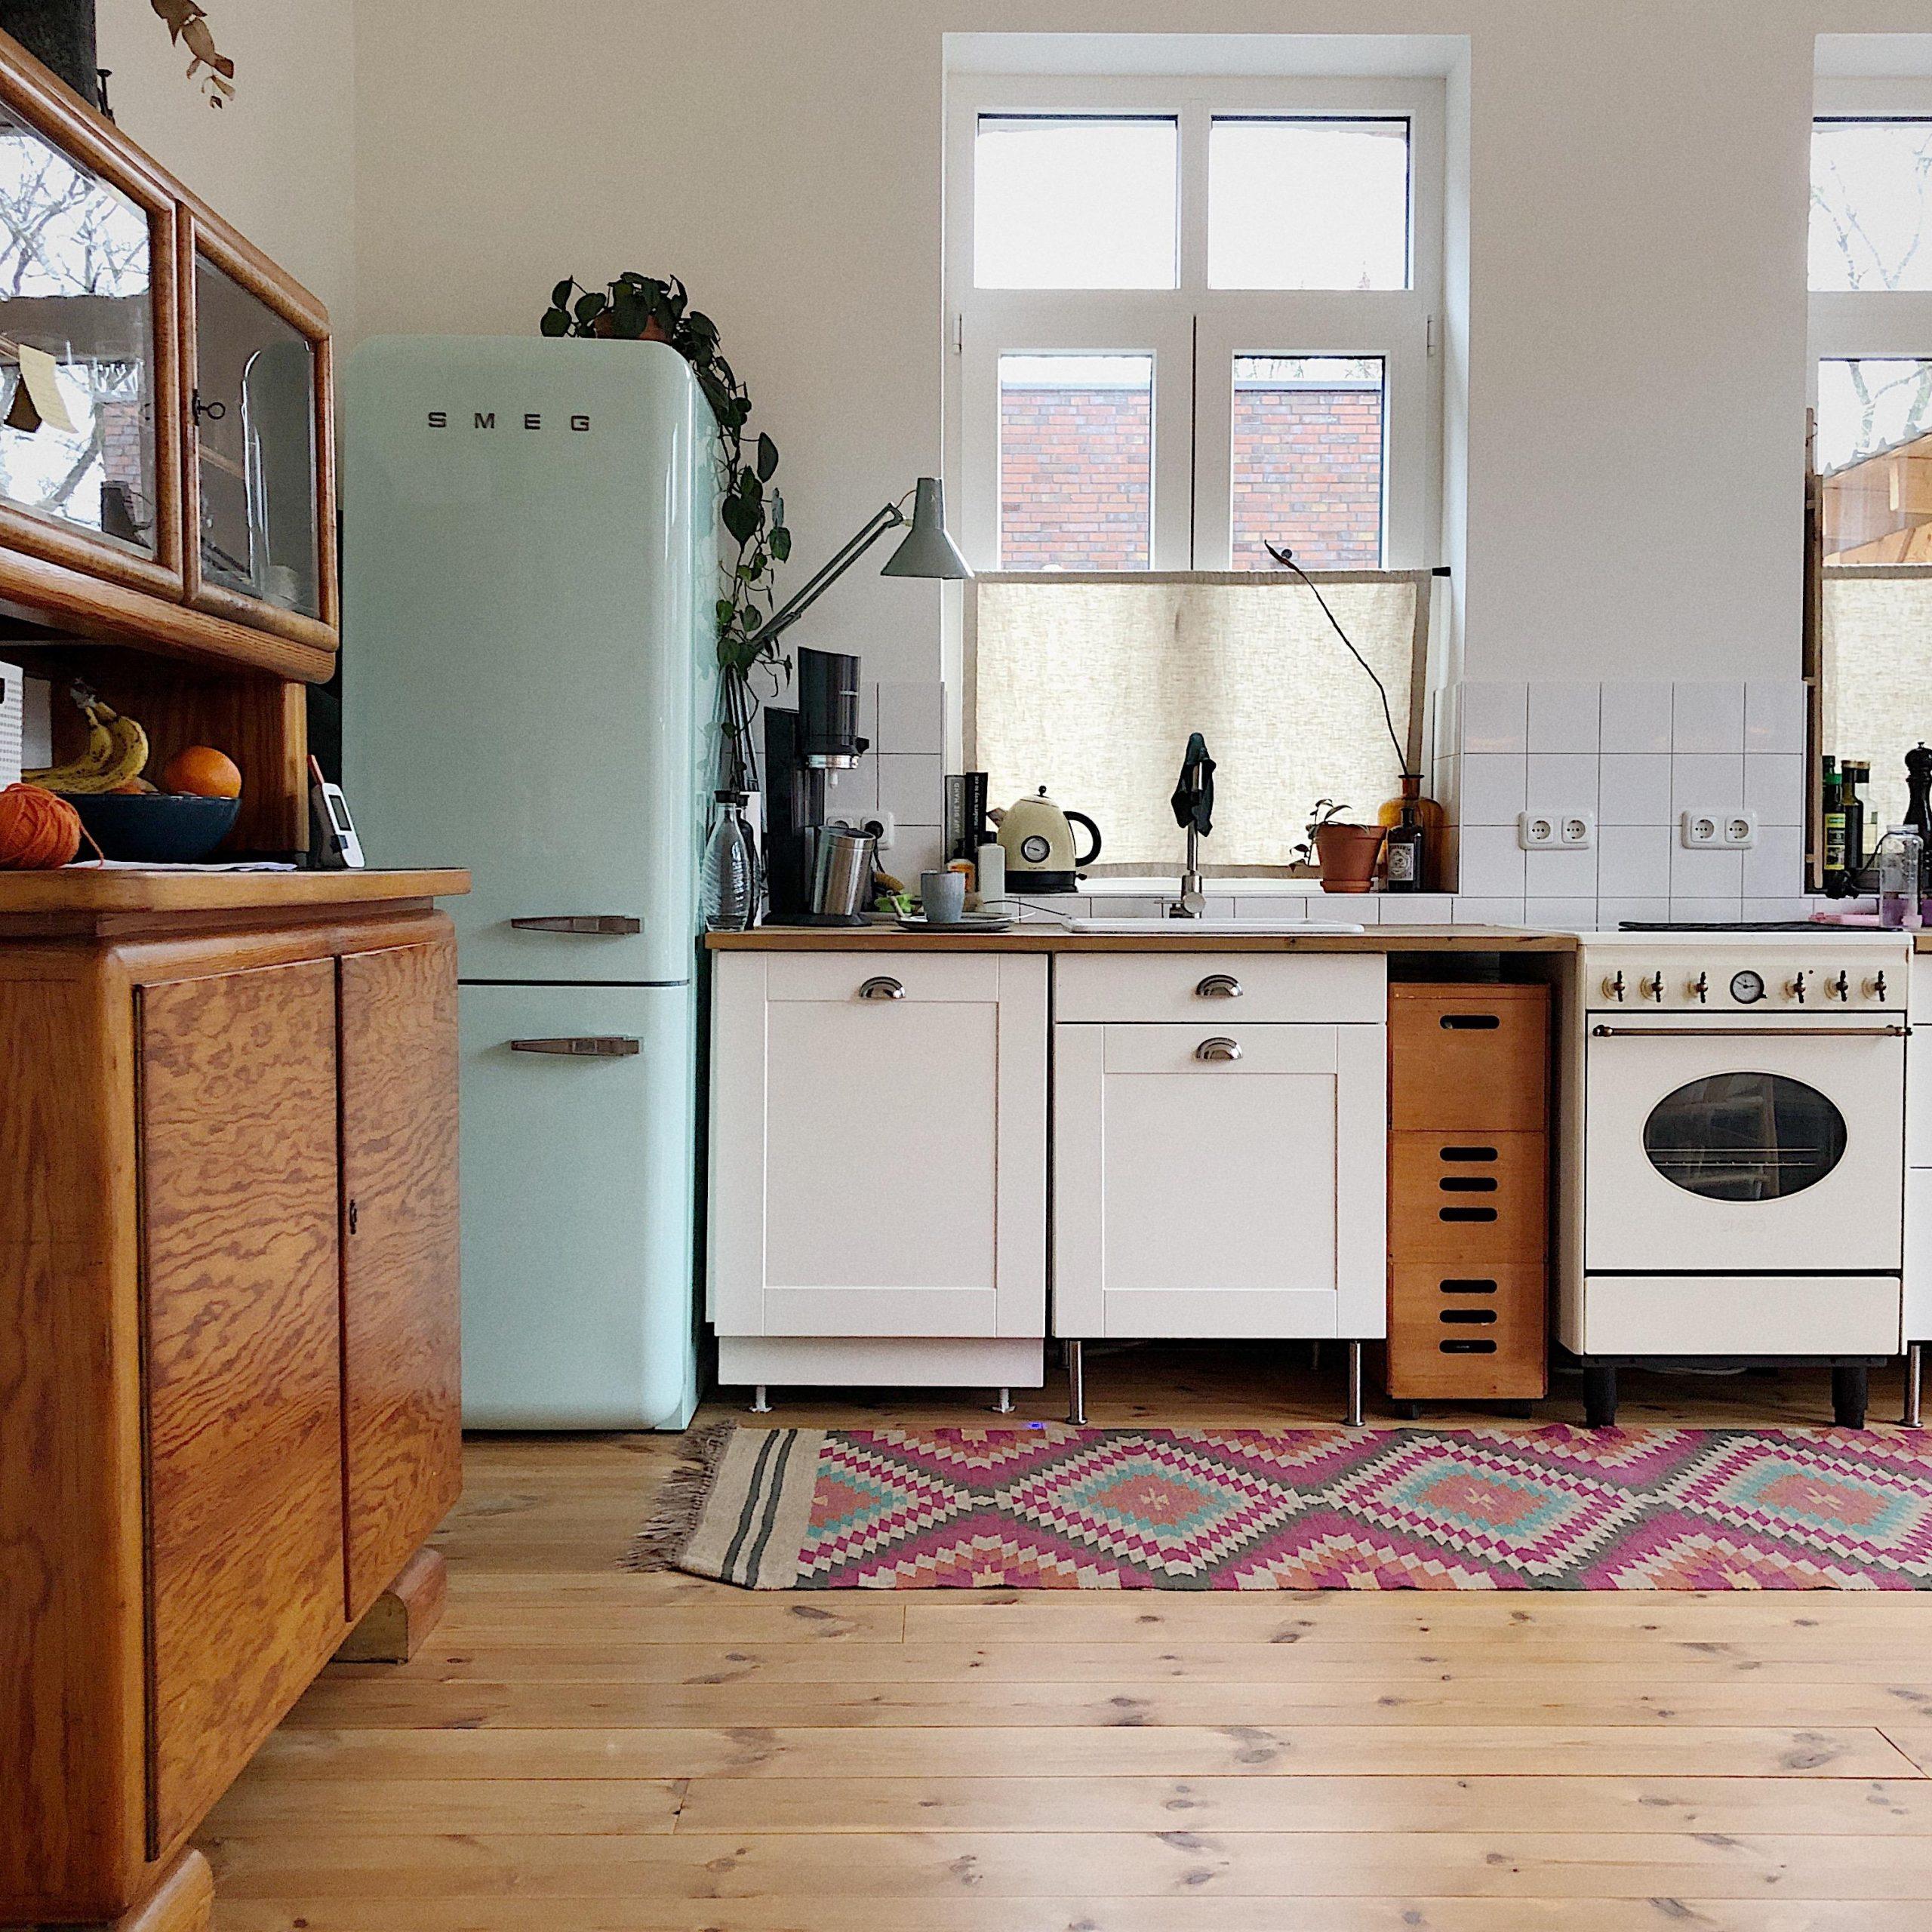 Full Size of Teppich Küche Sinnvoll Teppich Küche Läufer Waschbarer Teppich Küche Naturfaser Teppich Küche Küche Teppich Küche